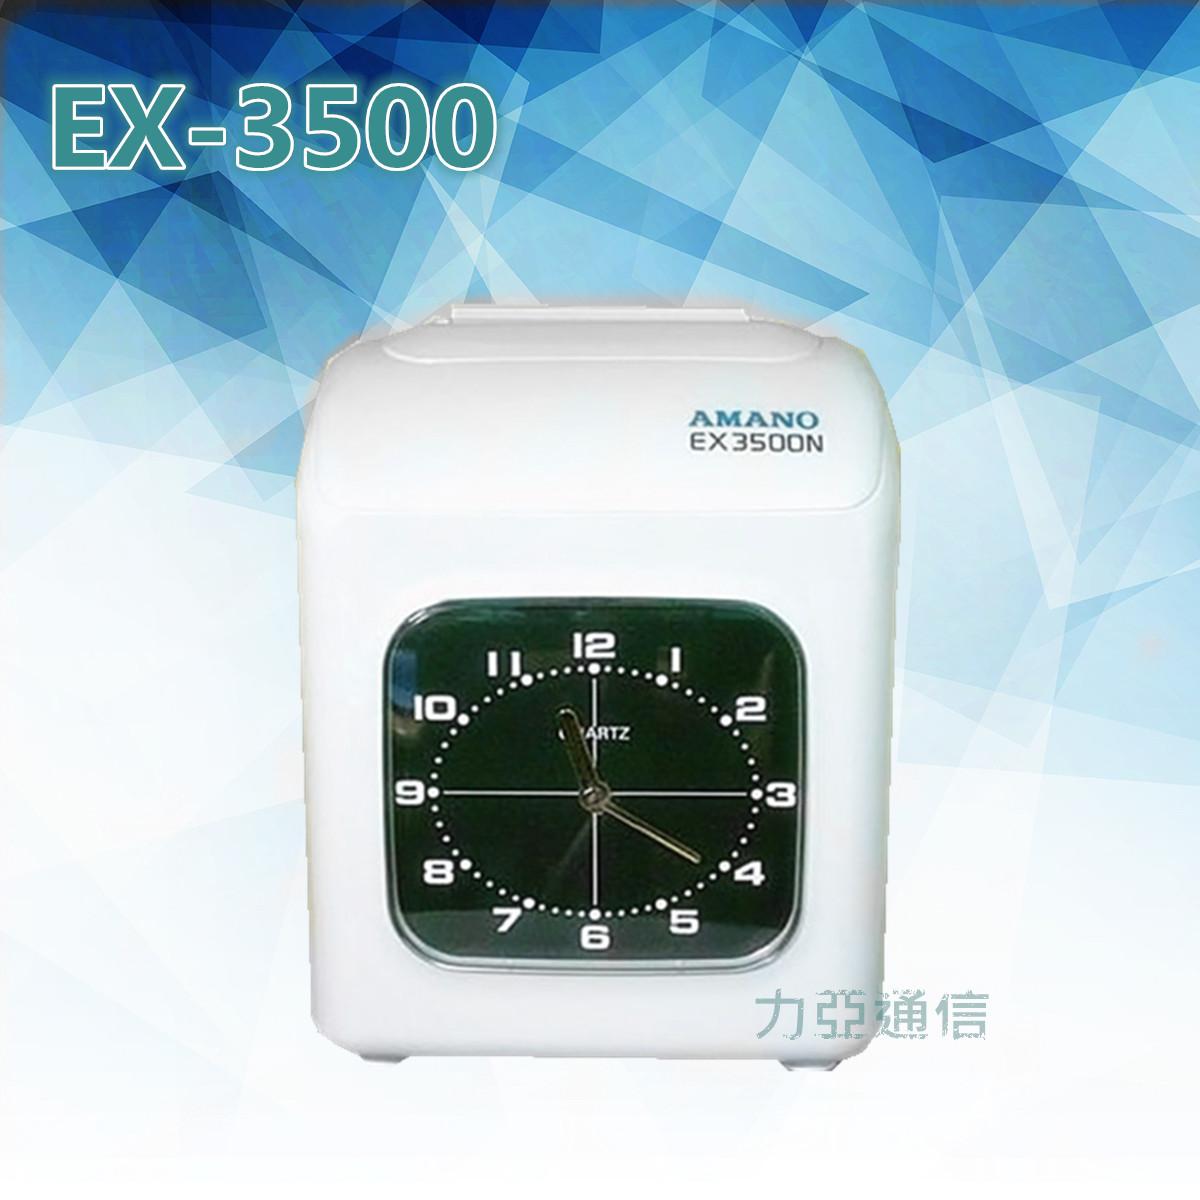 ex3500卡鐘_副本.jpg